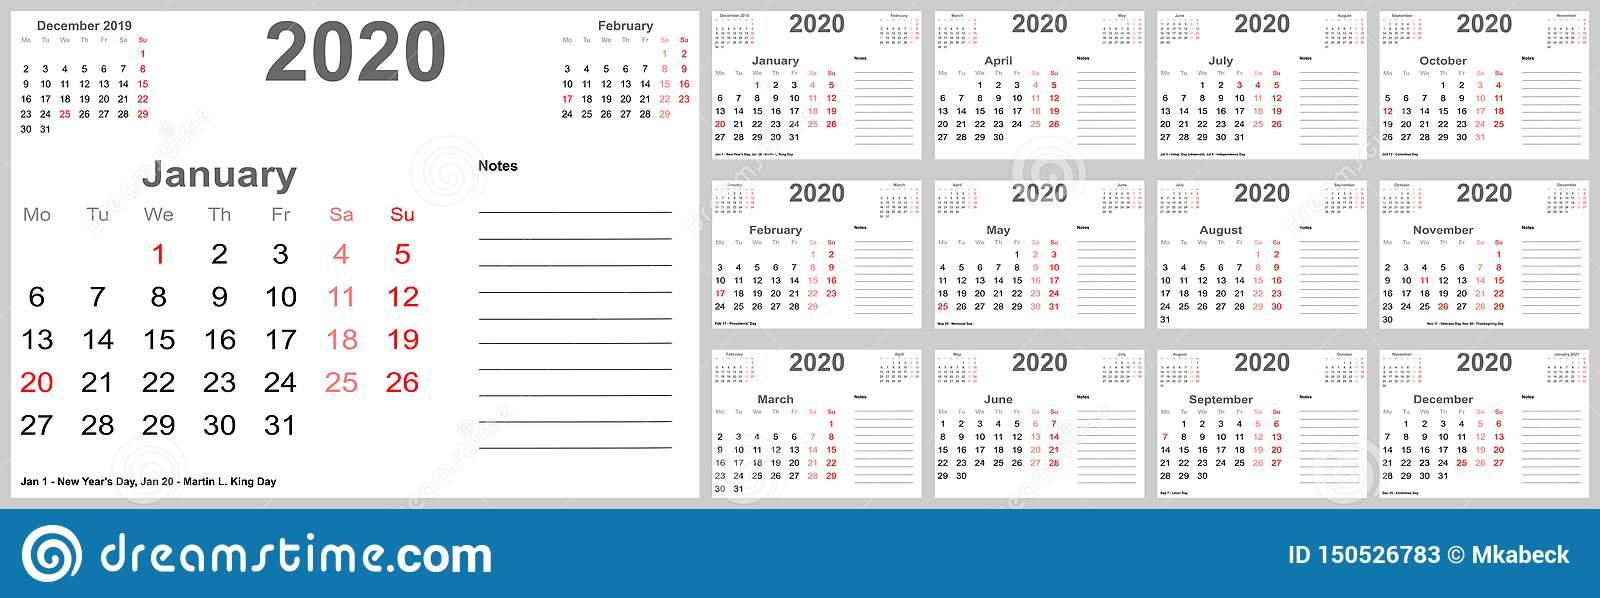 Календарь 2020 Для Сша С Местом Для Примечаний Иллюстрация